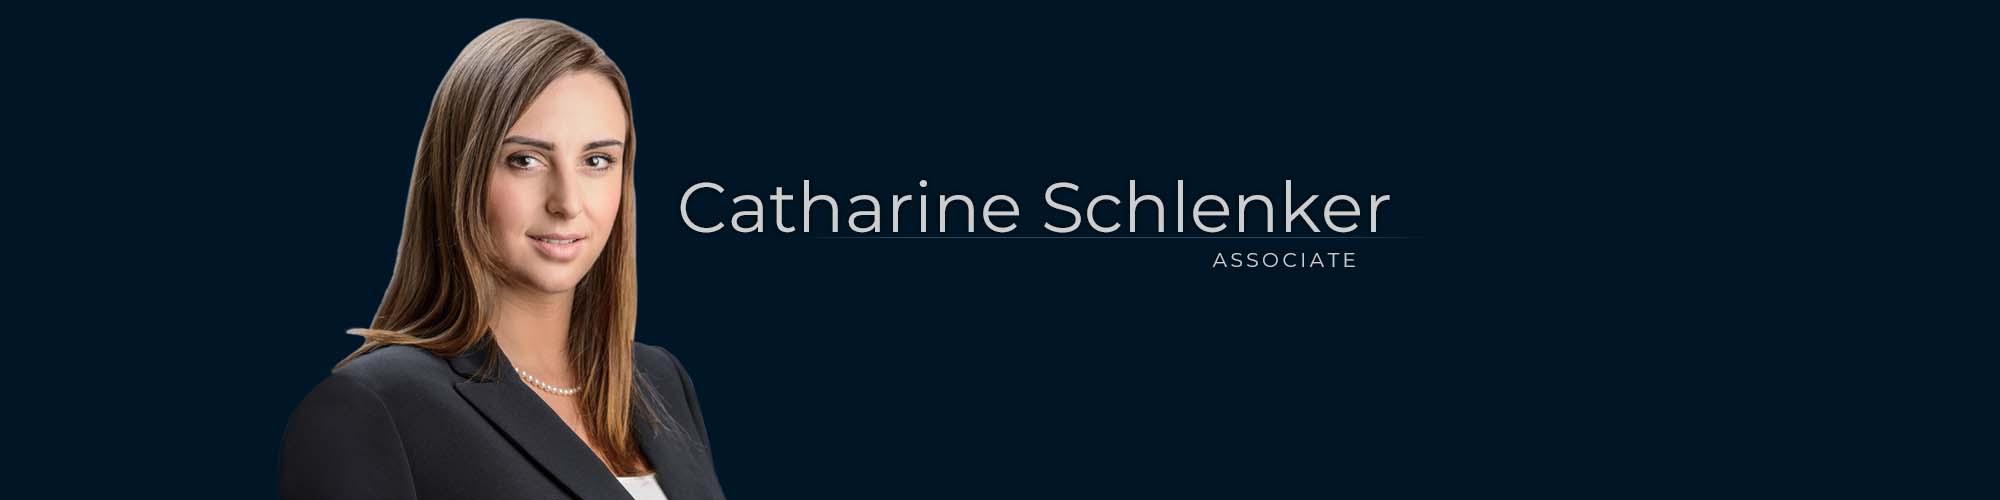 Catharine Schlenker – Lawyer at Dominion GovLaw LLP